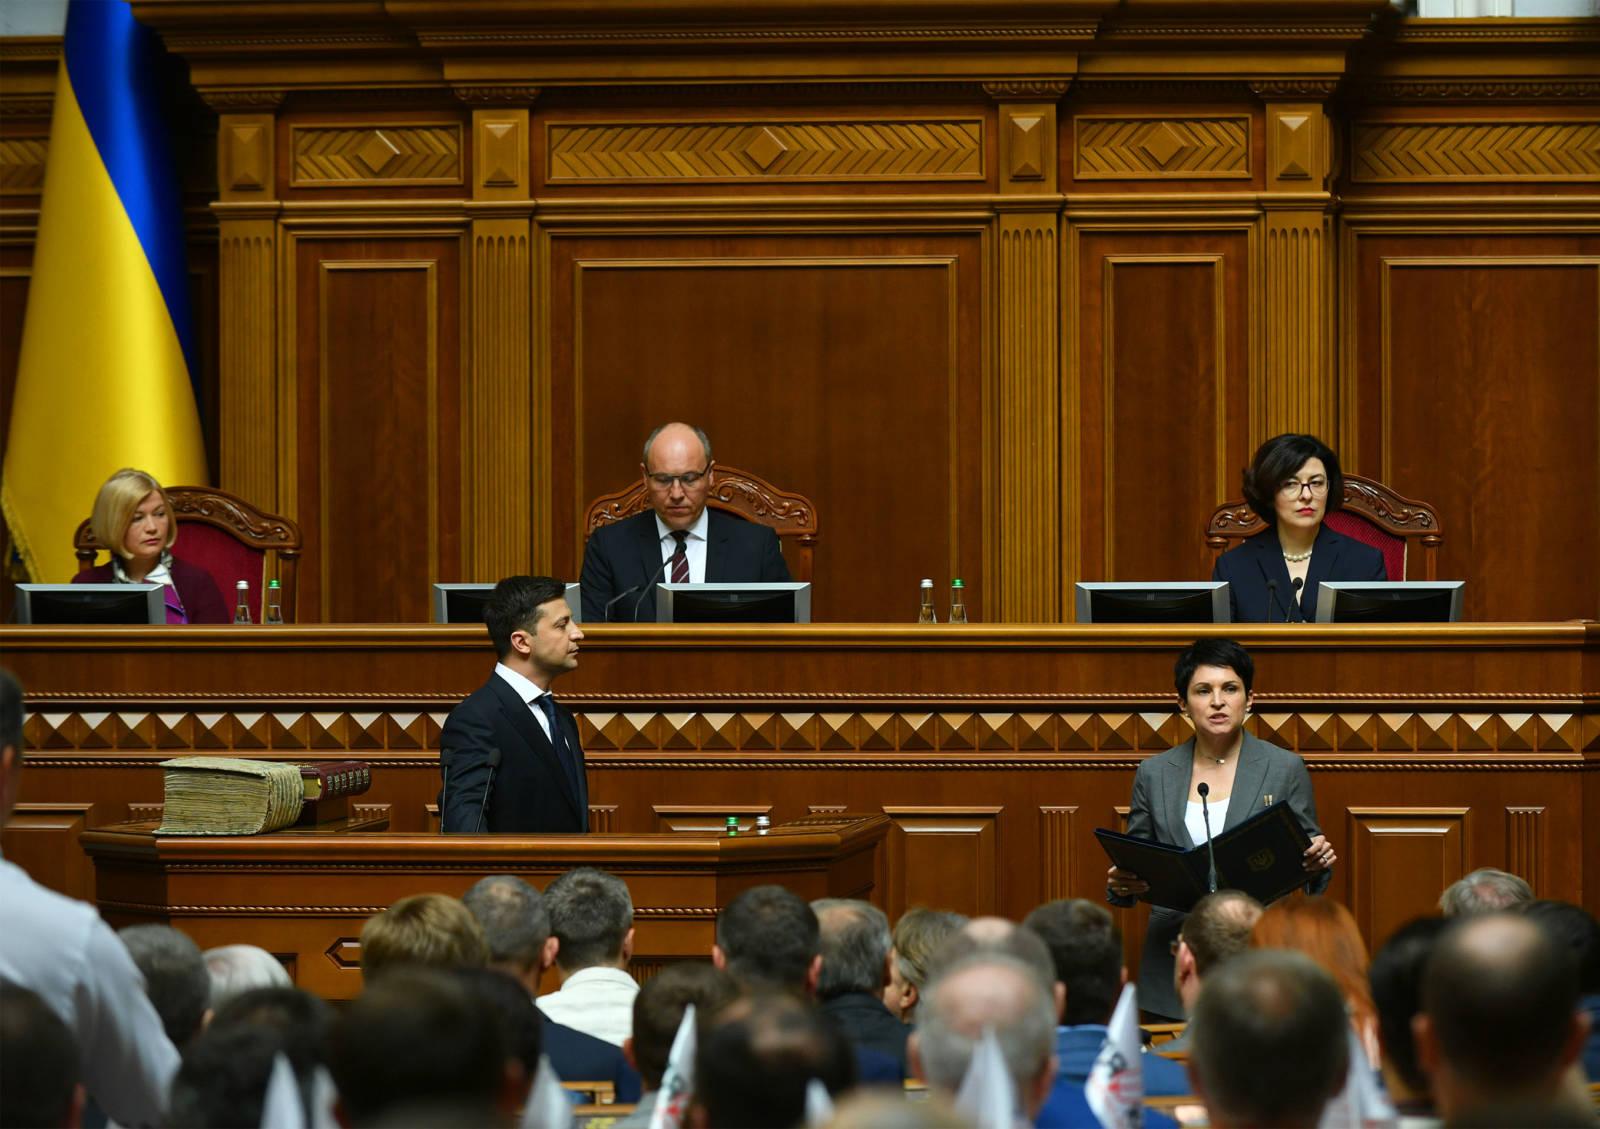 Kto jest kim w IX. Radzie Najwyższej Ukrainy?